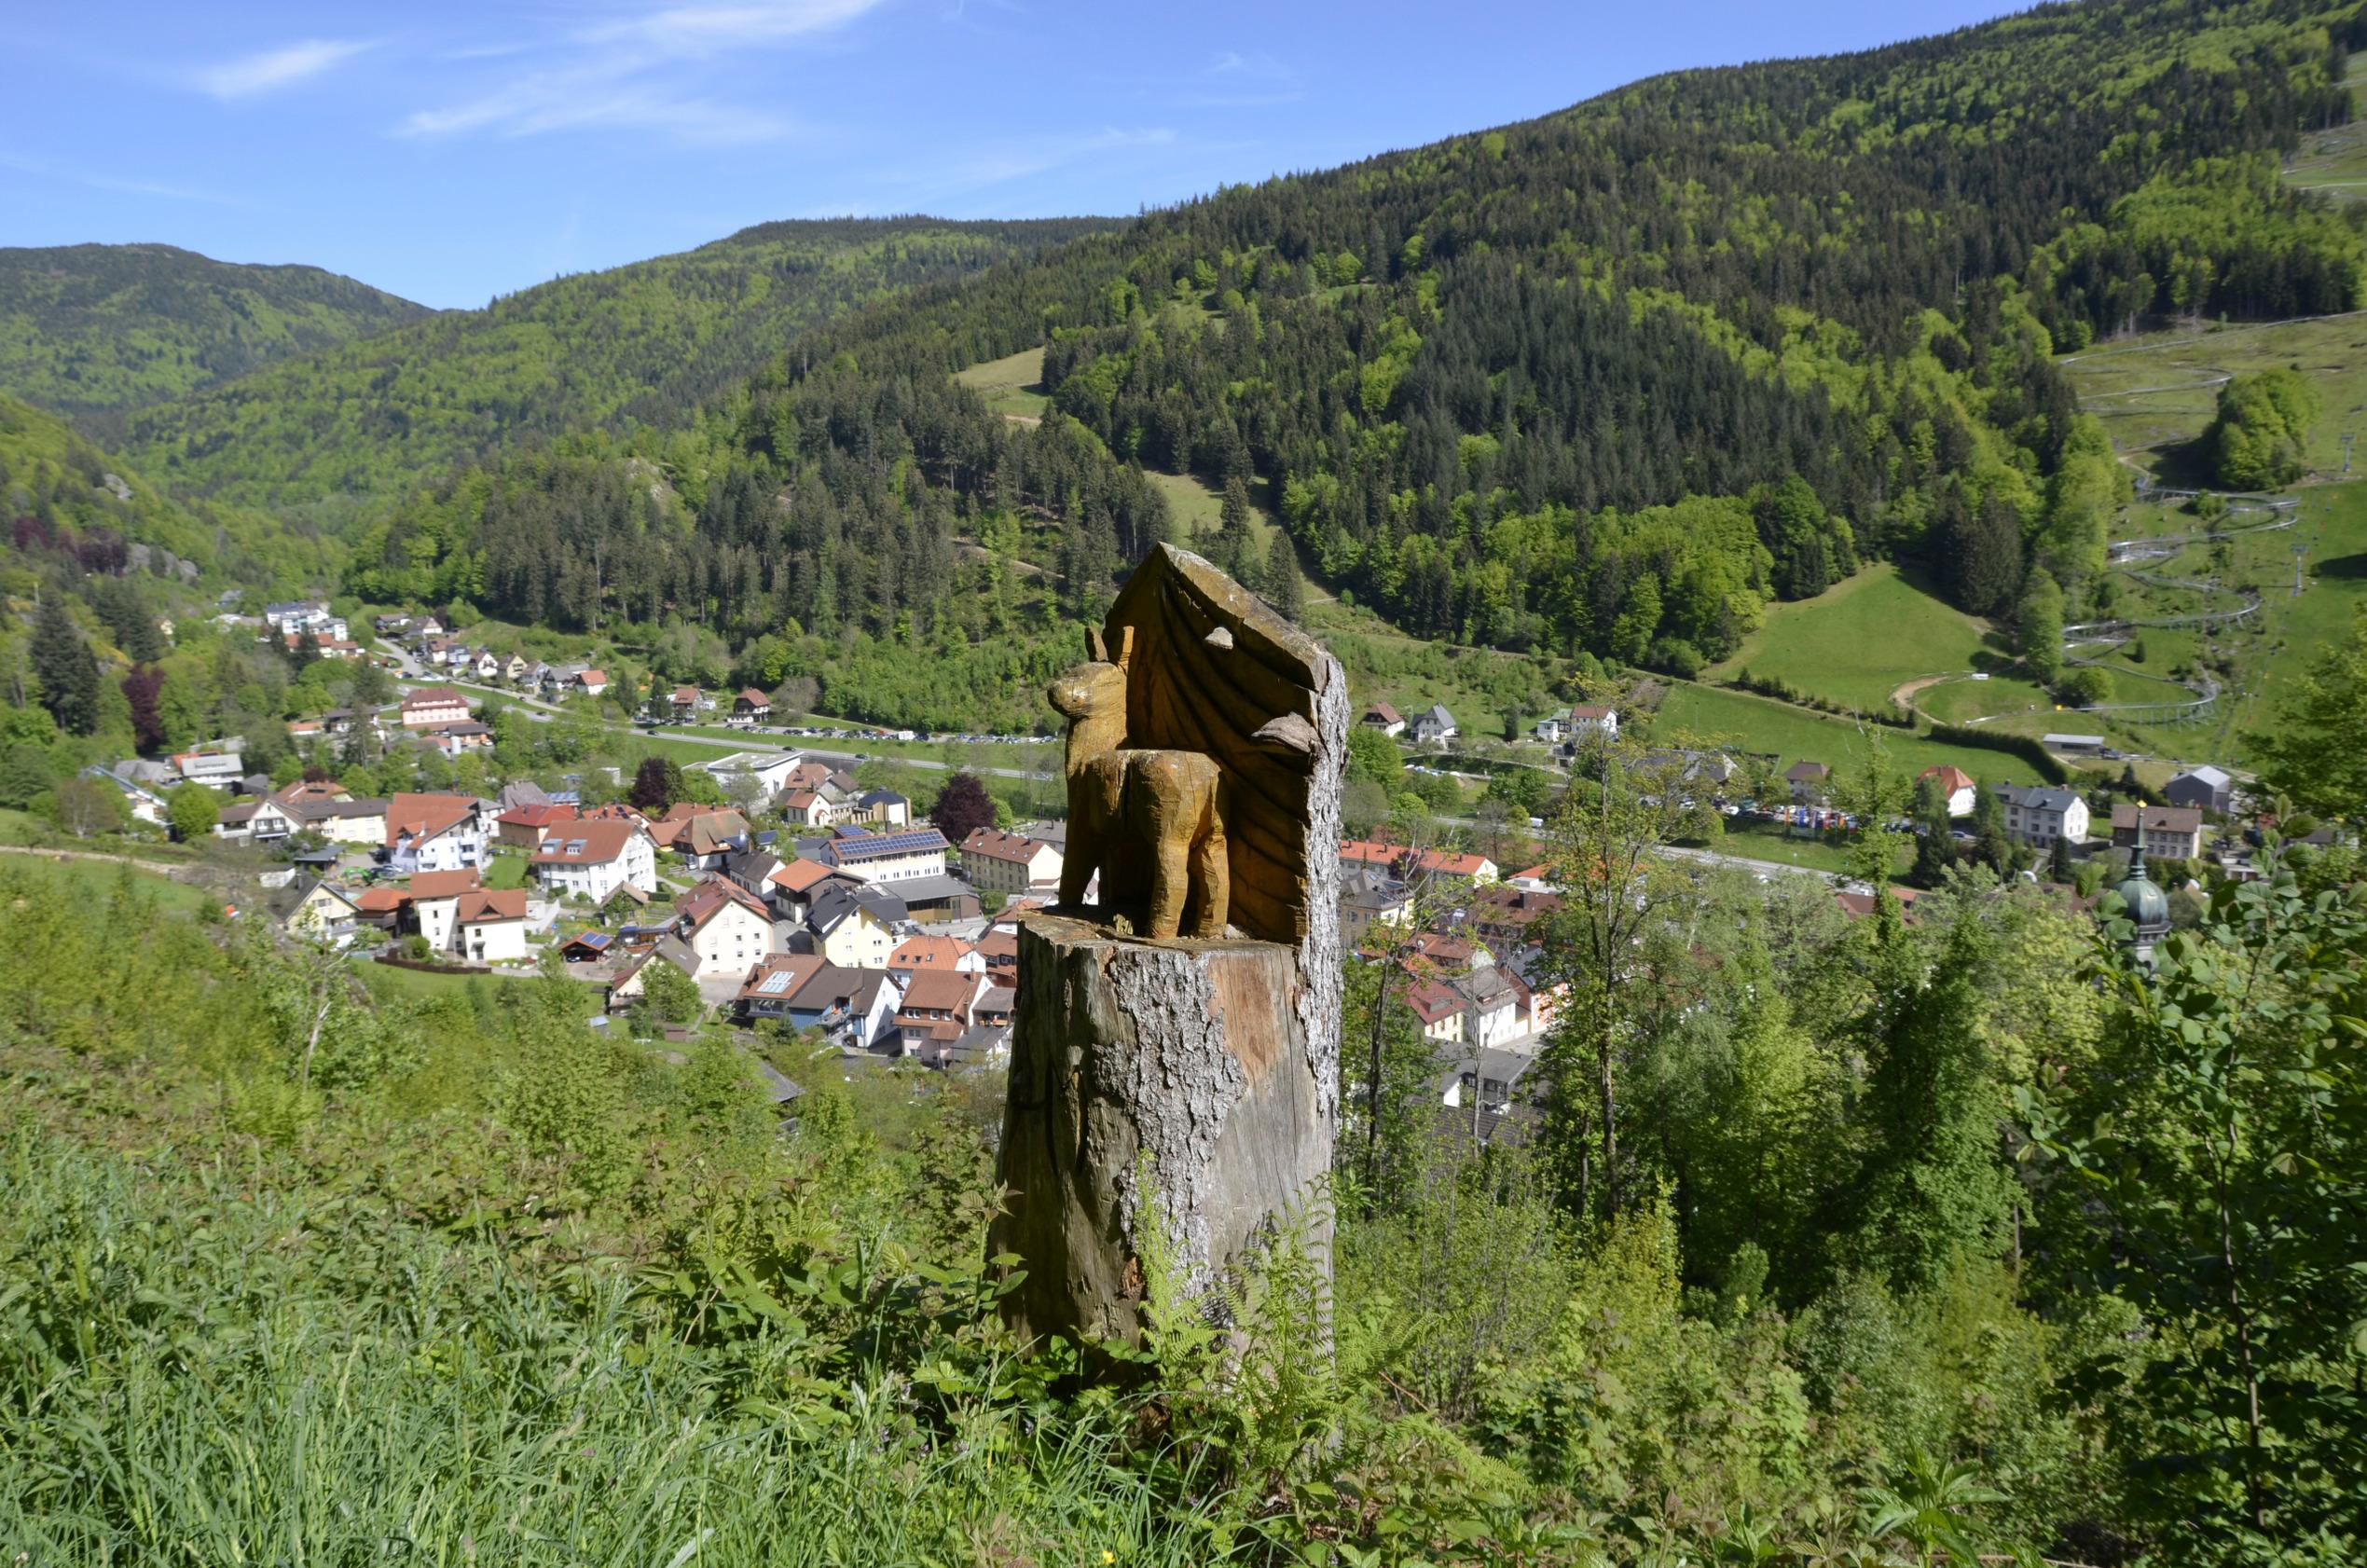 Ferienwohnung Fewo Waldblick- hübsche neu renovierte Fewo- Schwarzwald - Todtnau, Liftverbund Feldberg (2641721), Herrenschwand, Schwarzwald, Baden-Württemberg, Deutschland, Bild 16